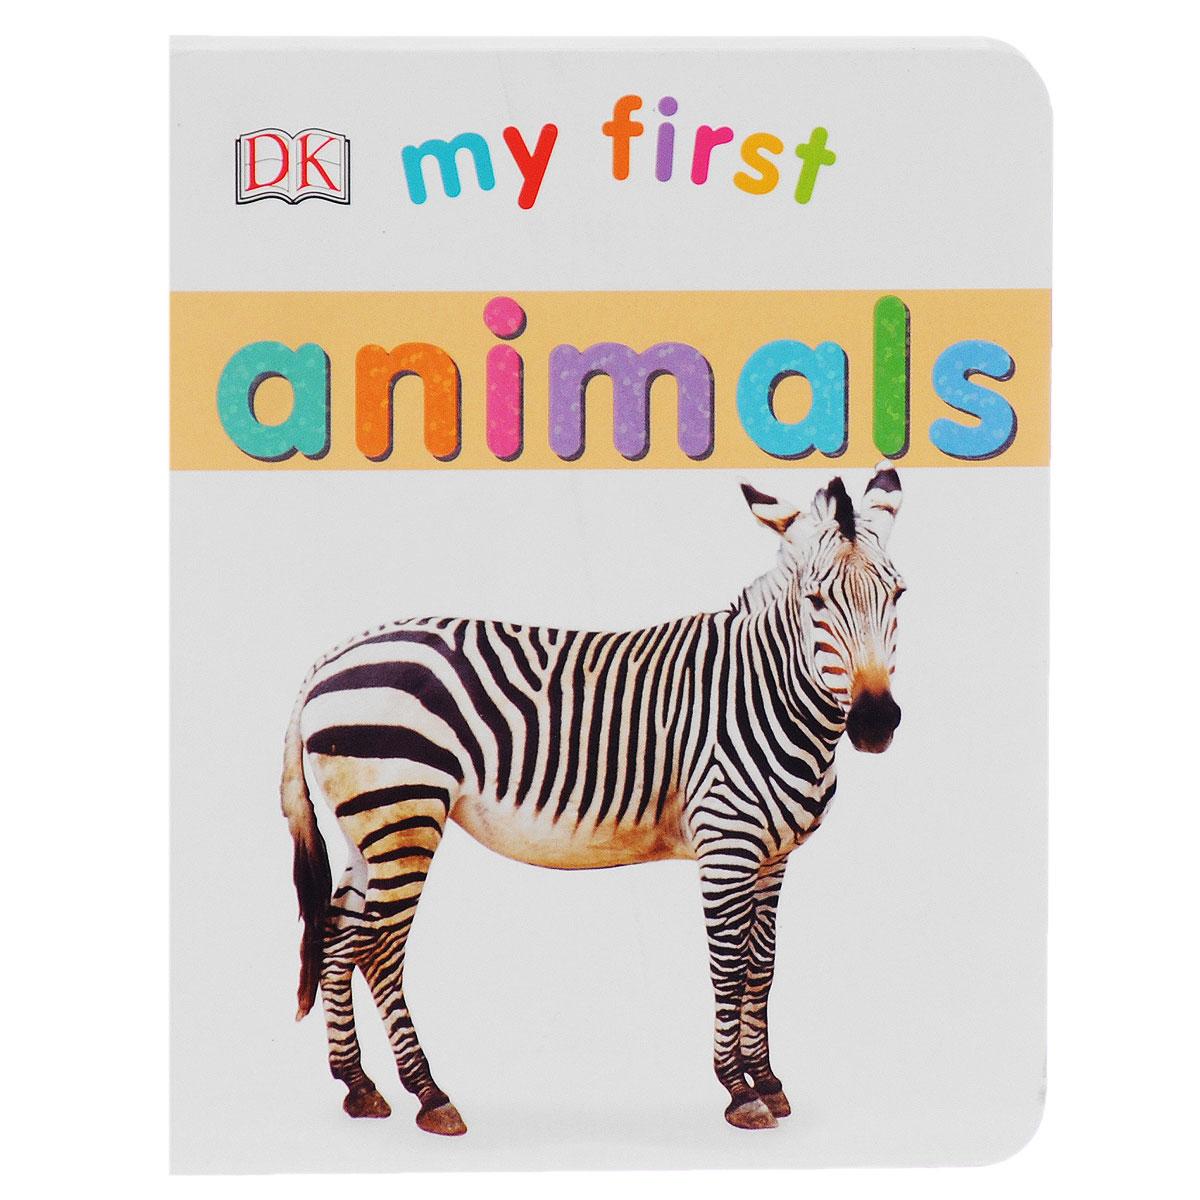 My First: Animals my first animals